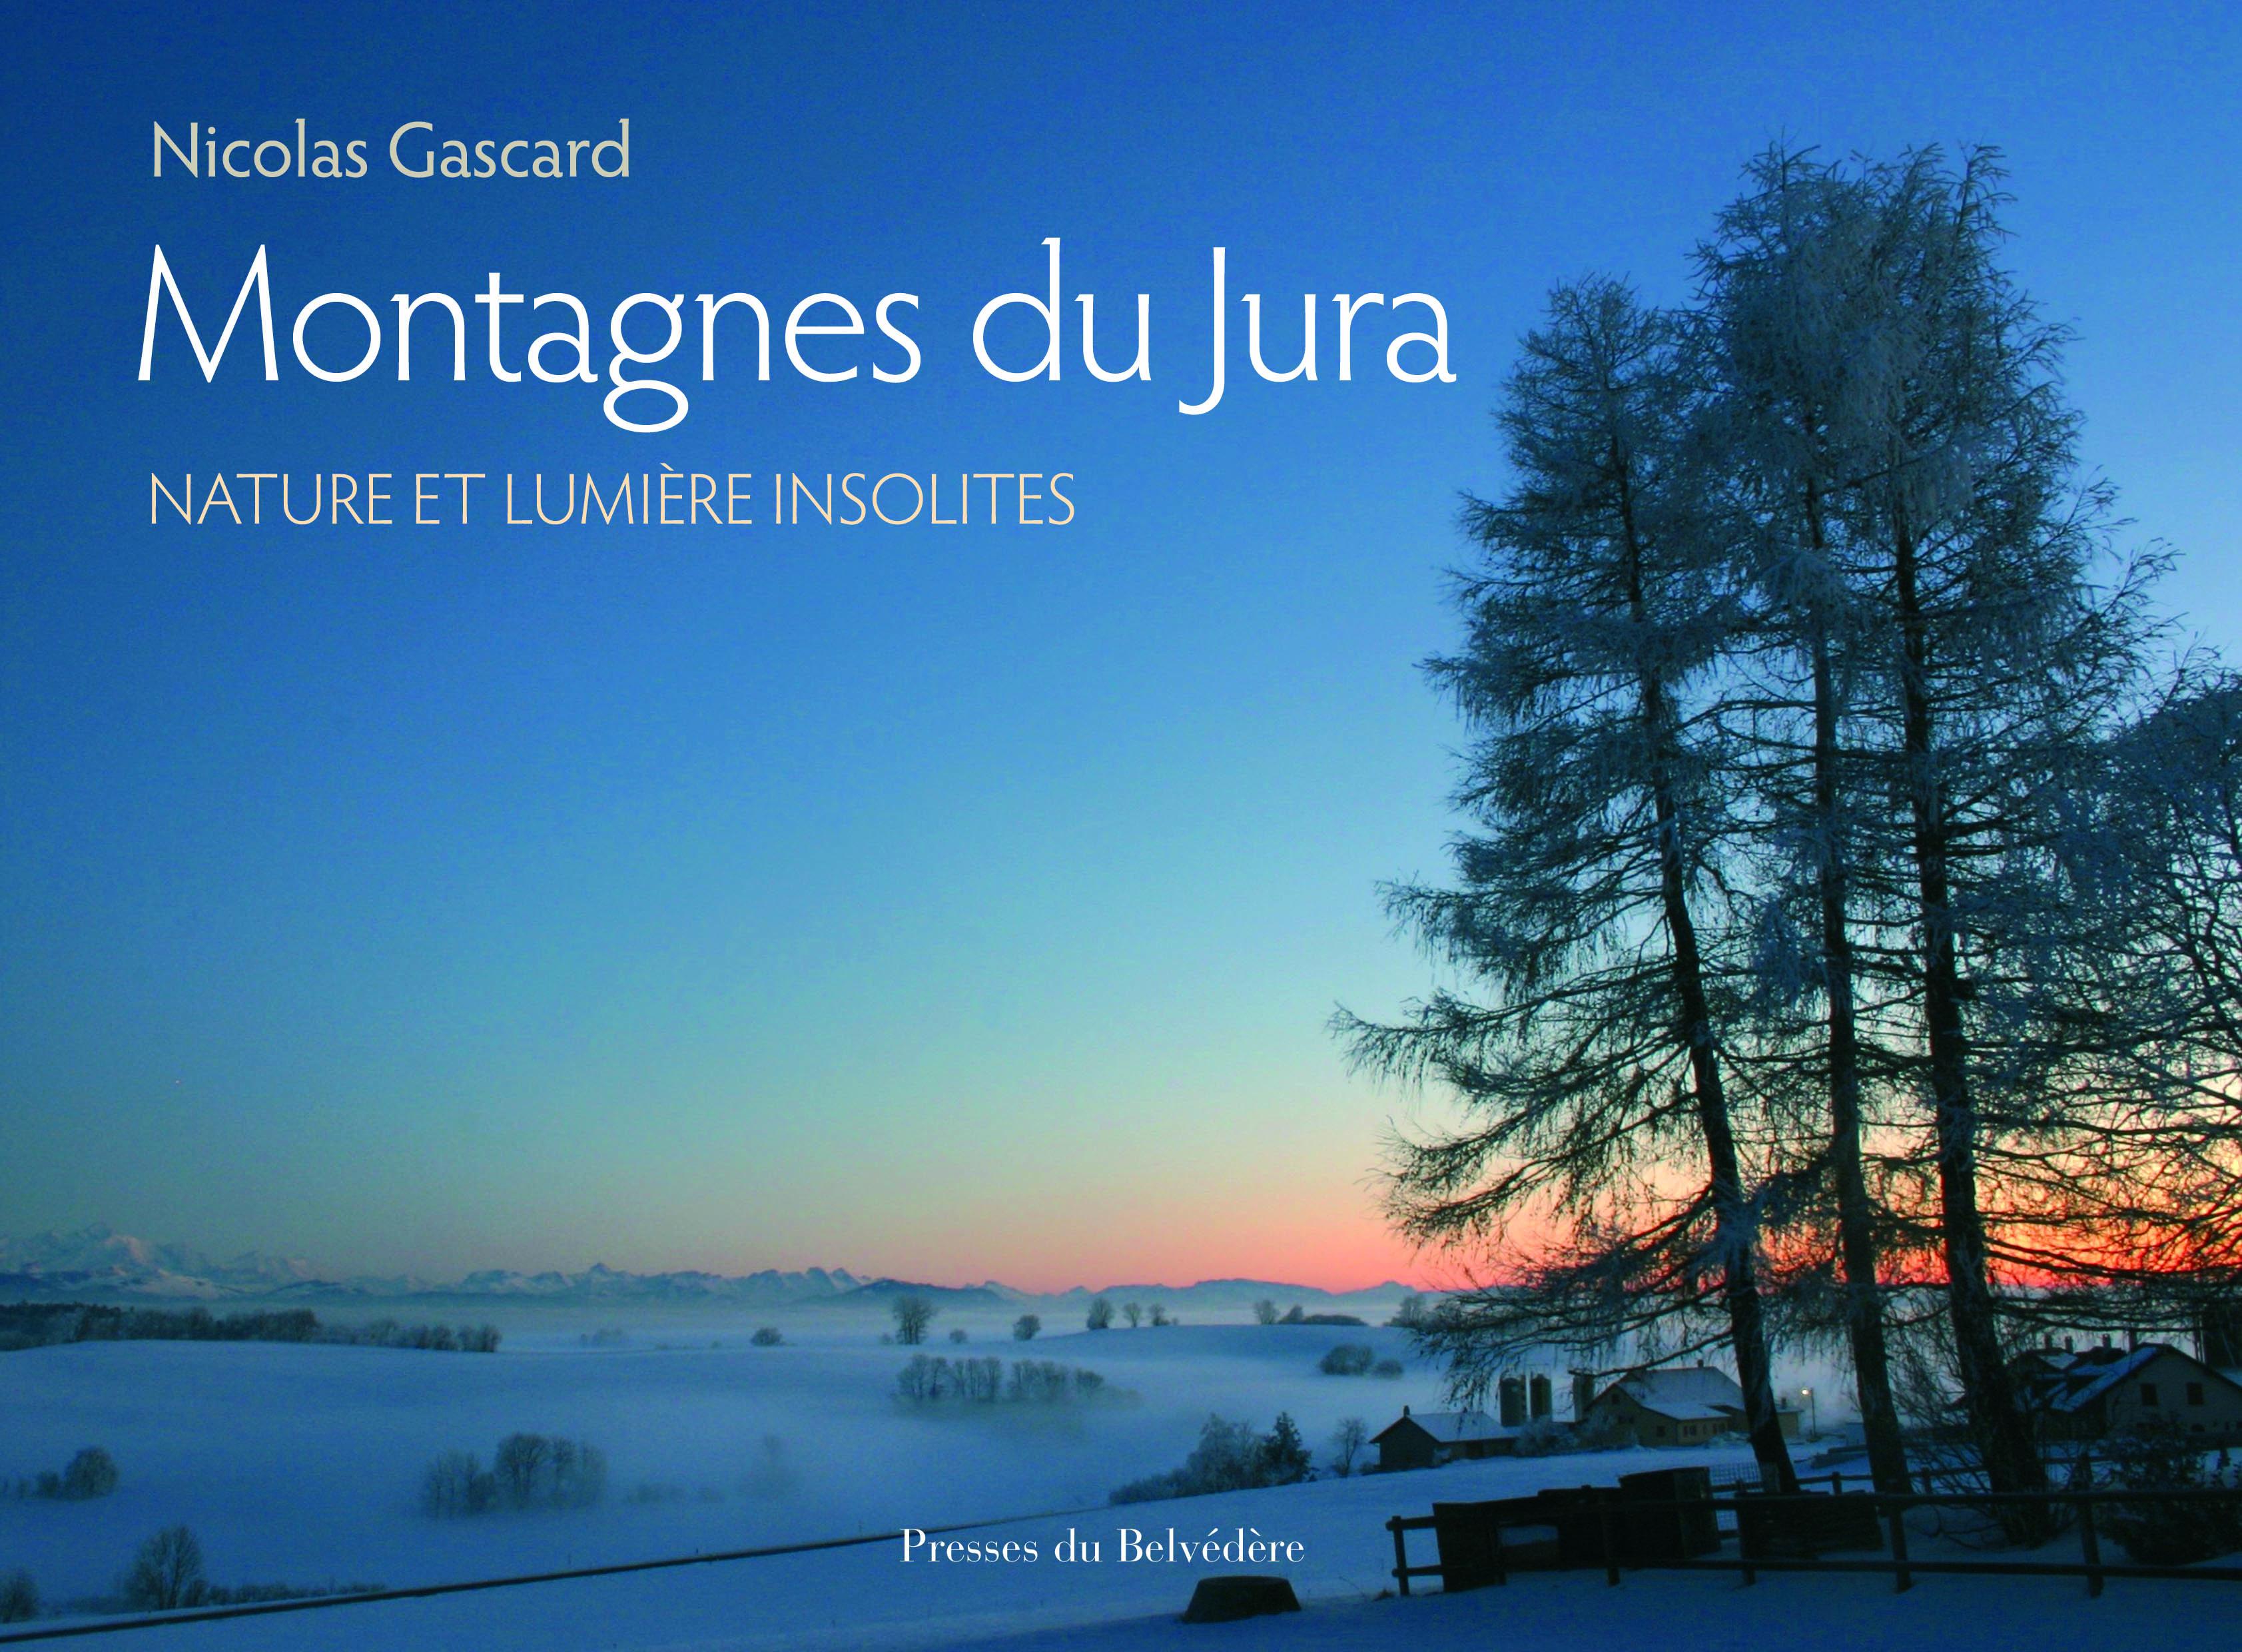 Nature Et Lumiere montagnes du jura - nature et lumière insolites - nicolas gascard